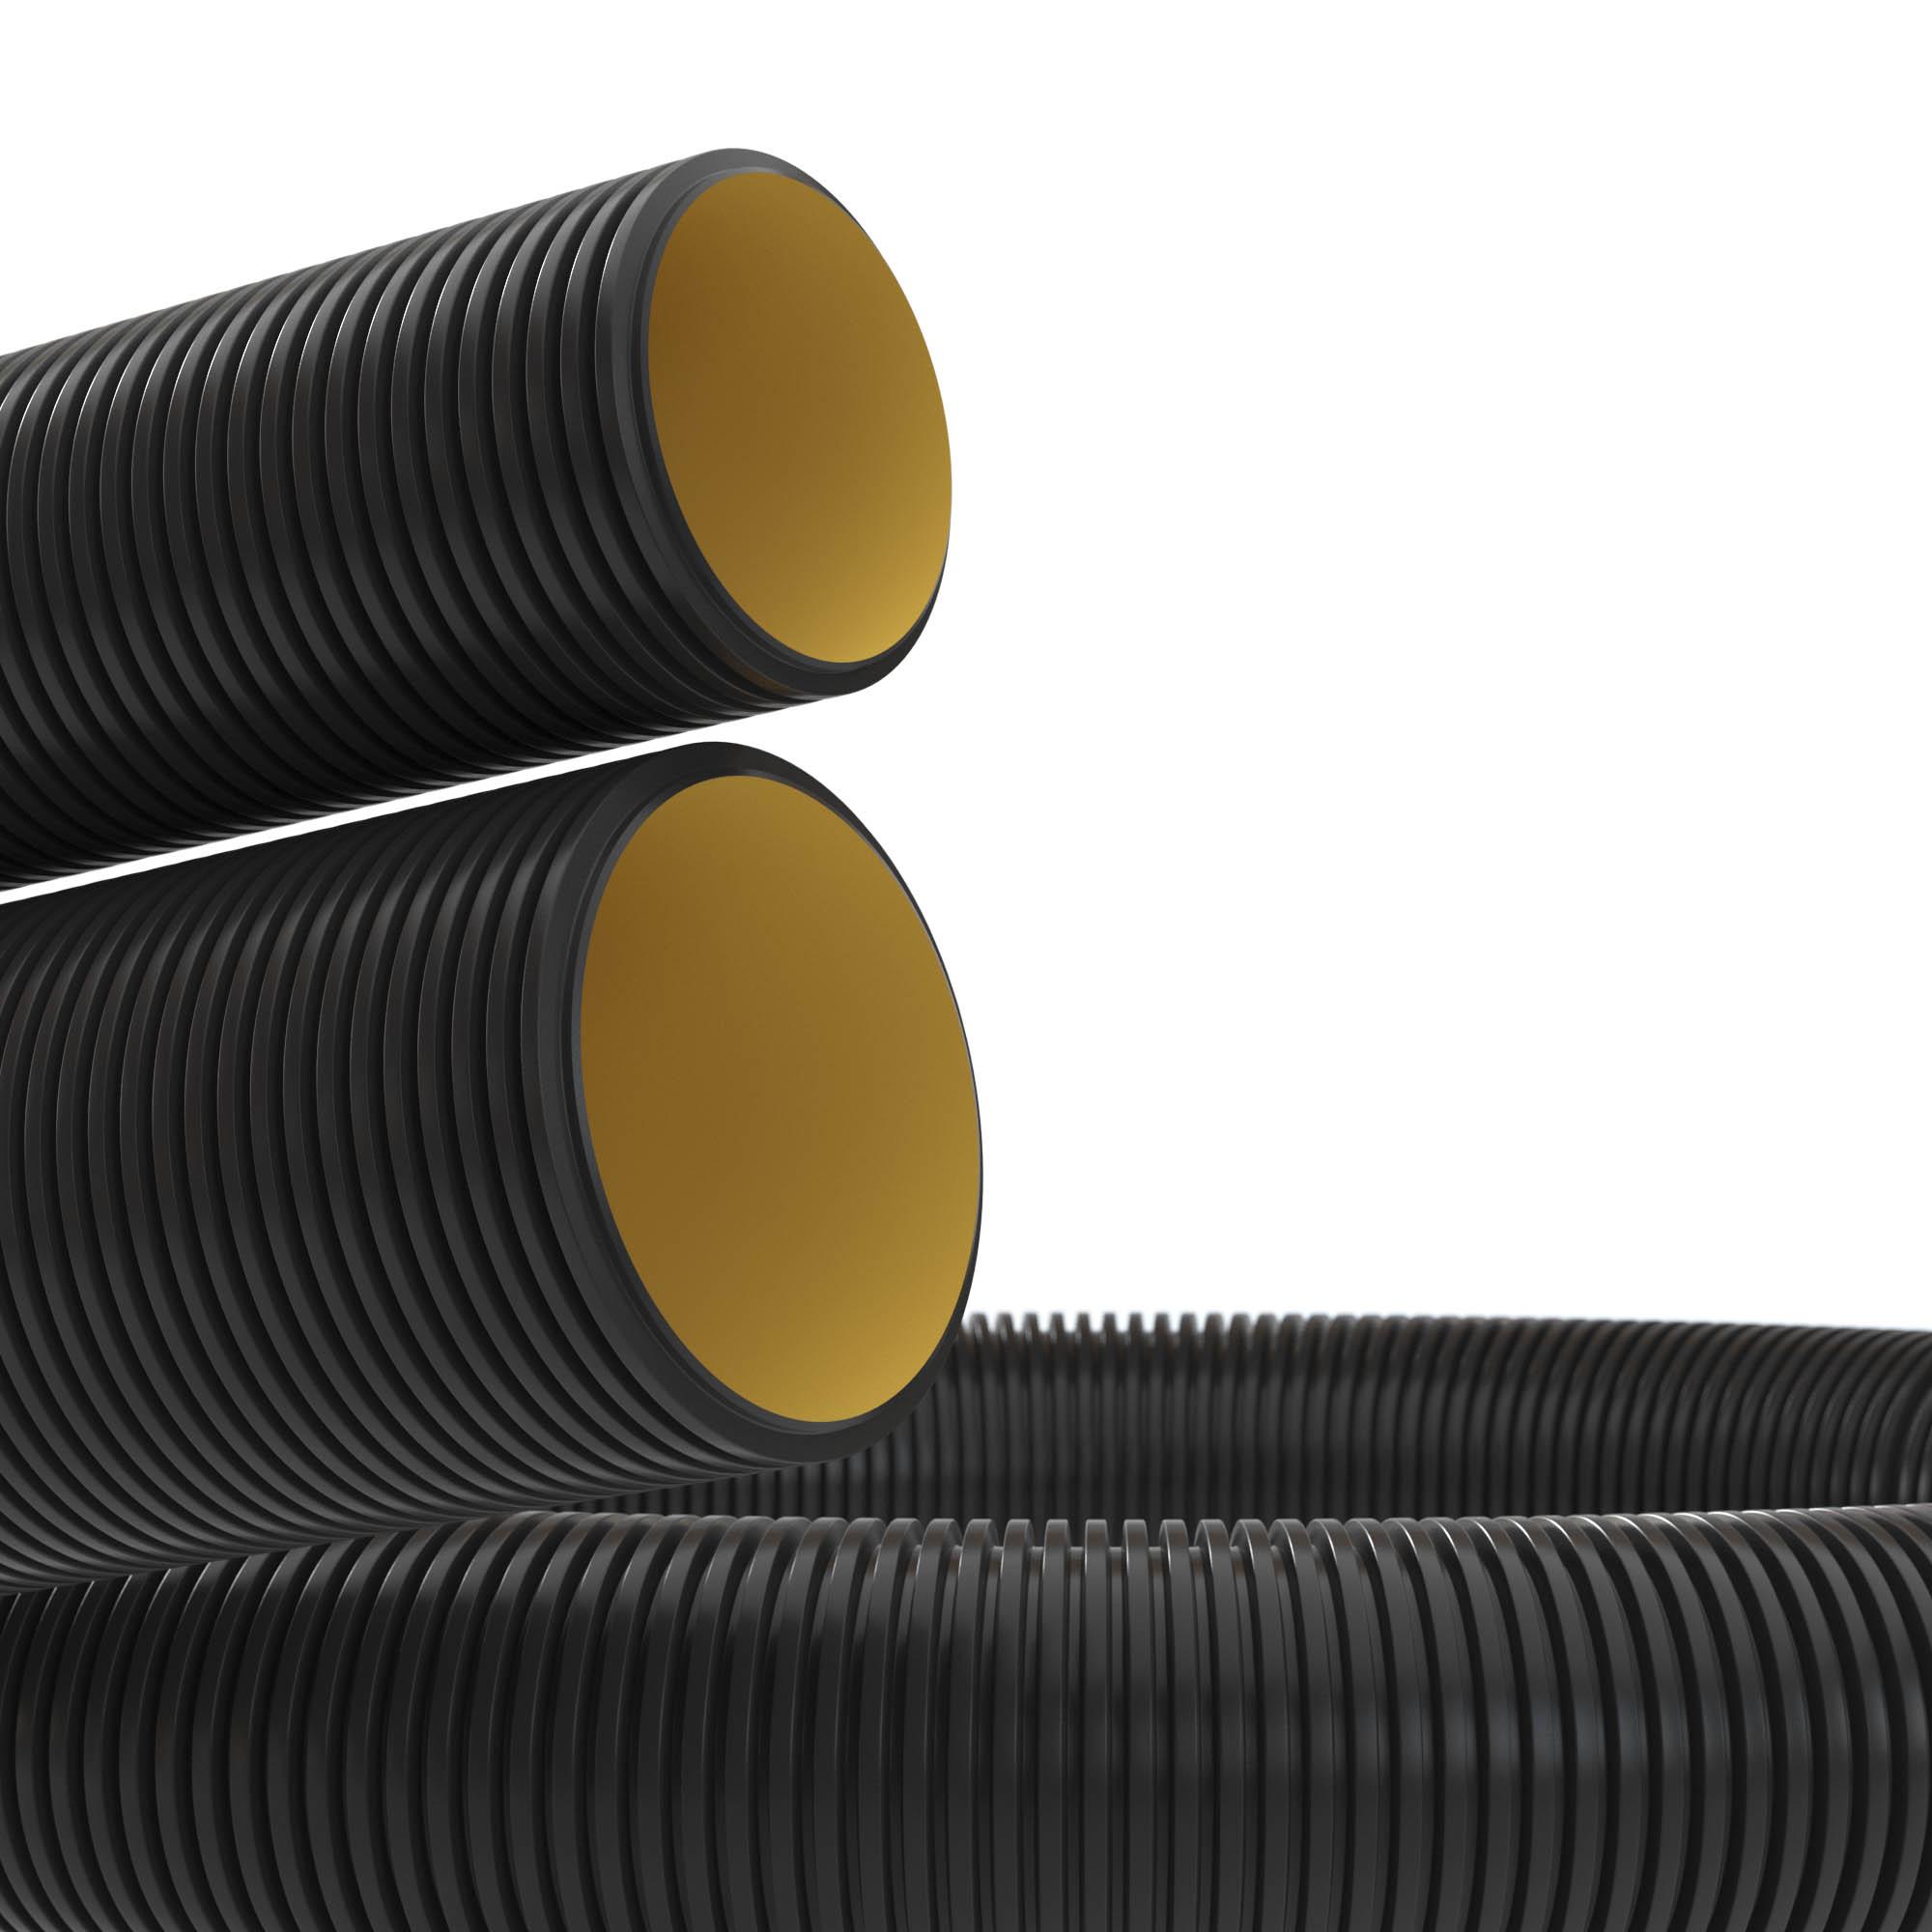 Двустенная труба ПНД гибкая для кабельной канализации d 110мм с протяжкой SN8 450Н черный